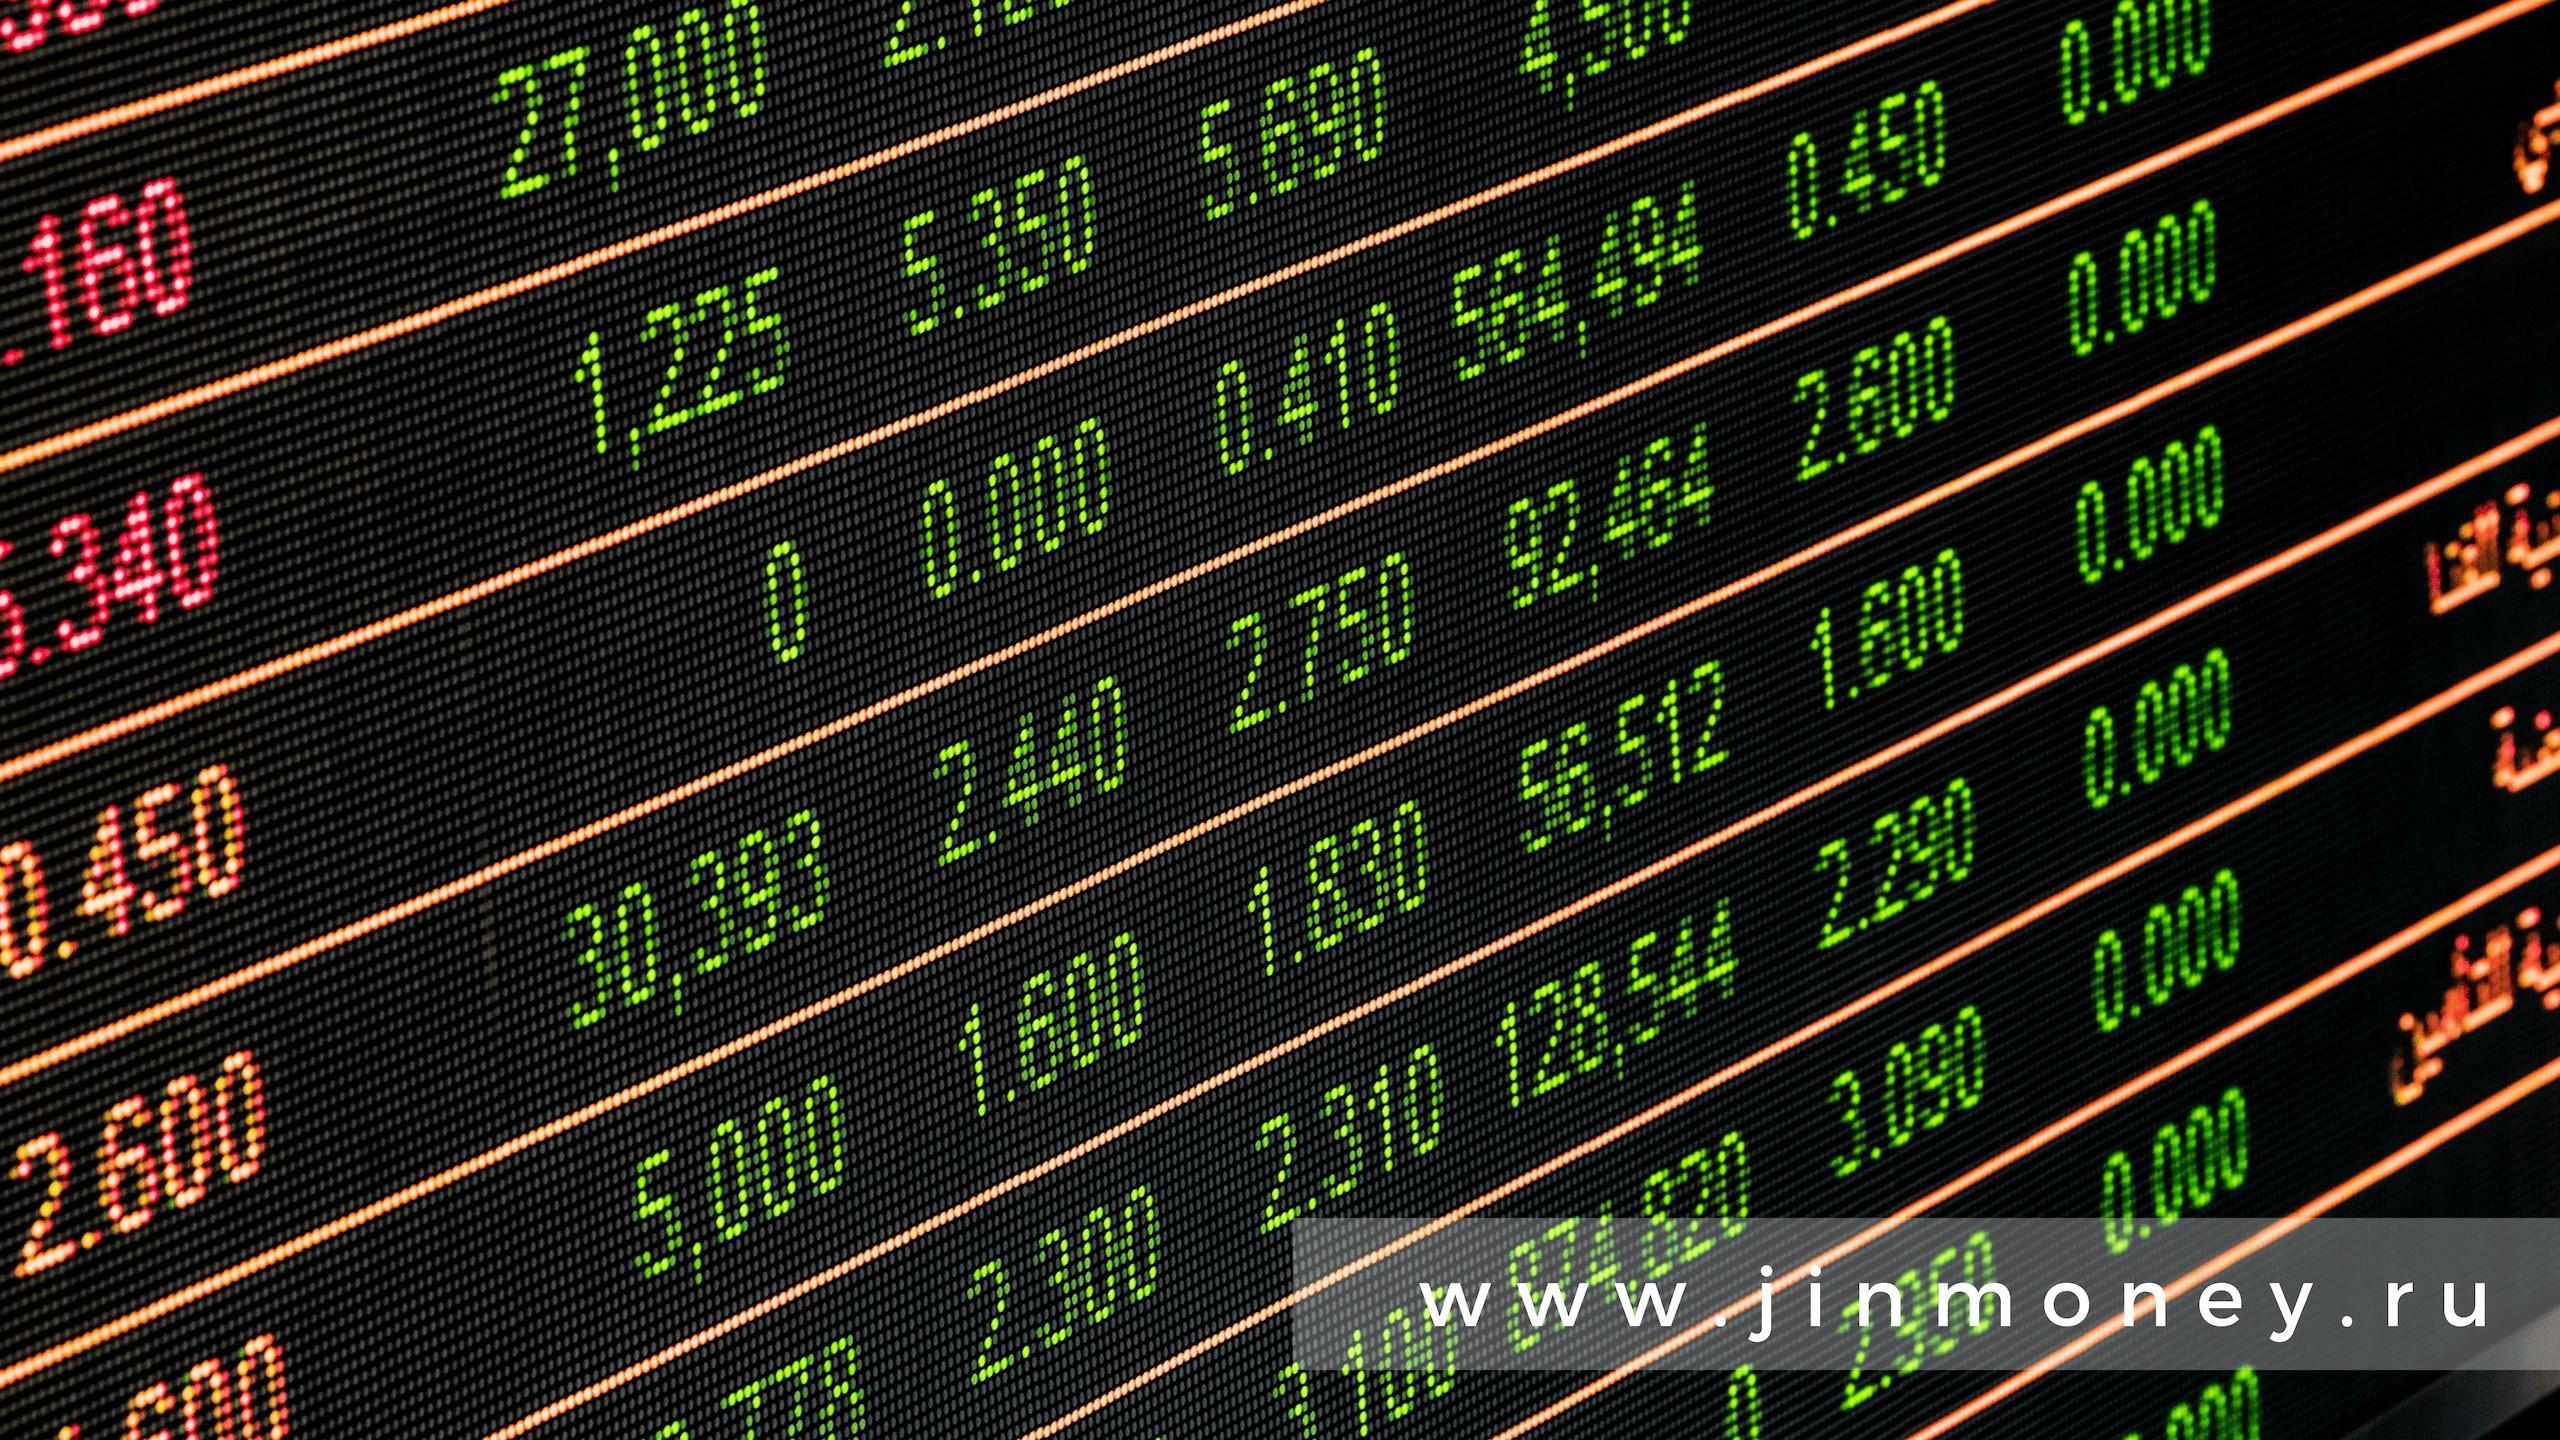 индекс мосбиржи по доходности вырос на 12,3% за 2018 год